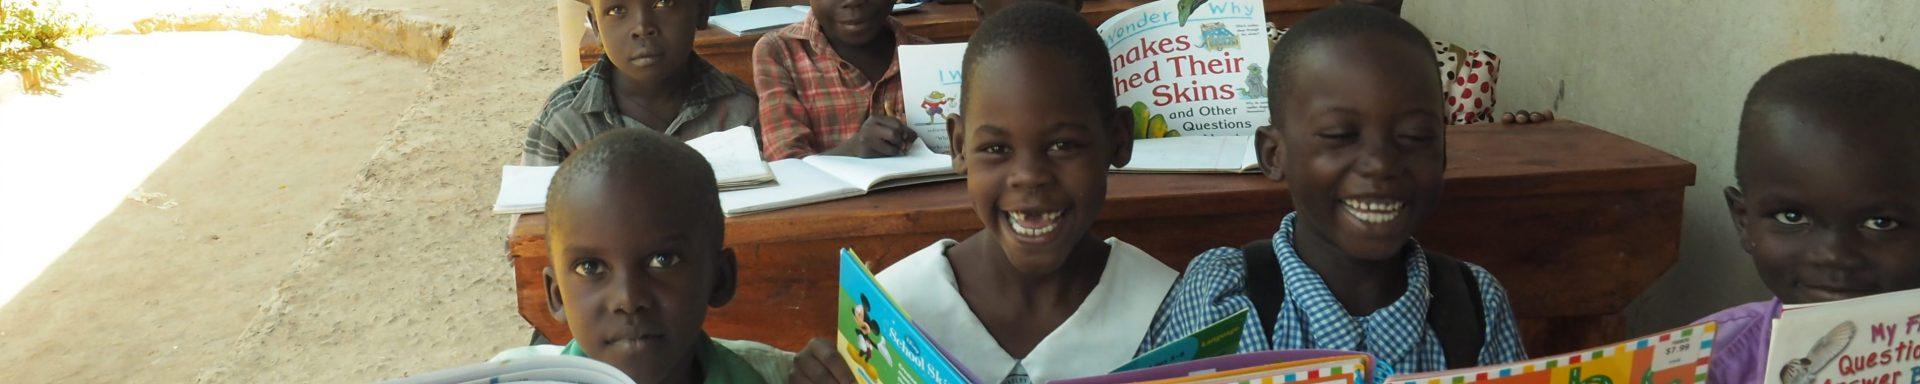 Een groep kinderen zit lachend onder een afdak tijdens schoolles.